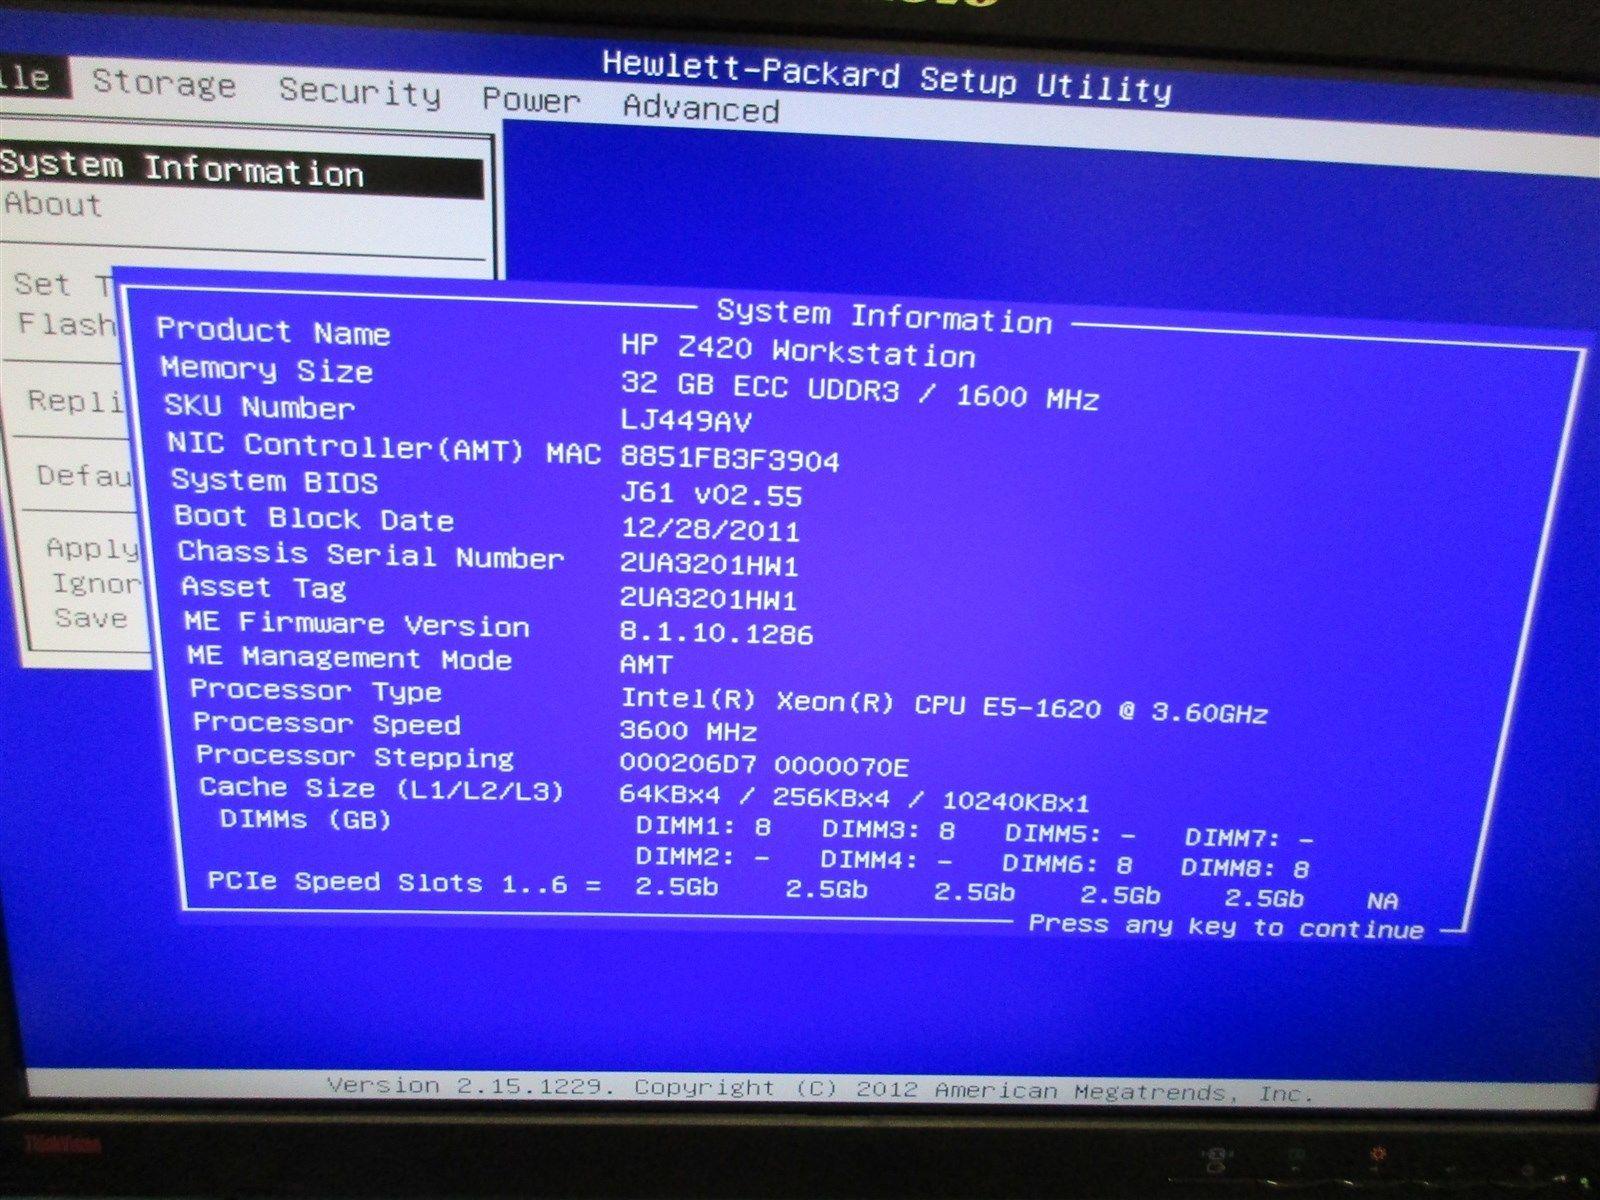 BIOS v3 50 for z420 Workstation - HP Support Community - 5654537